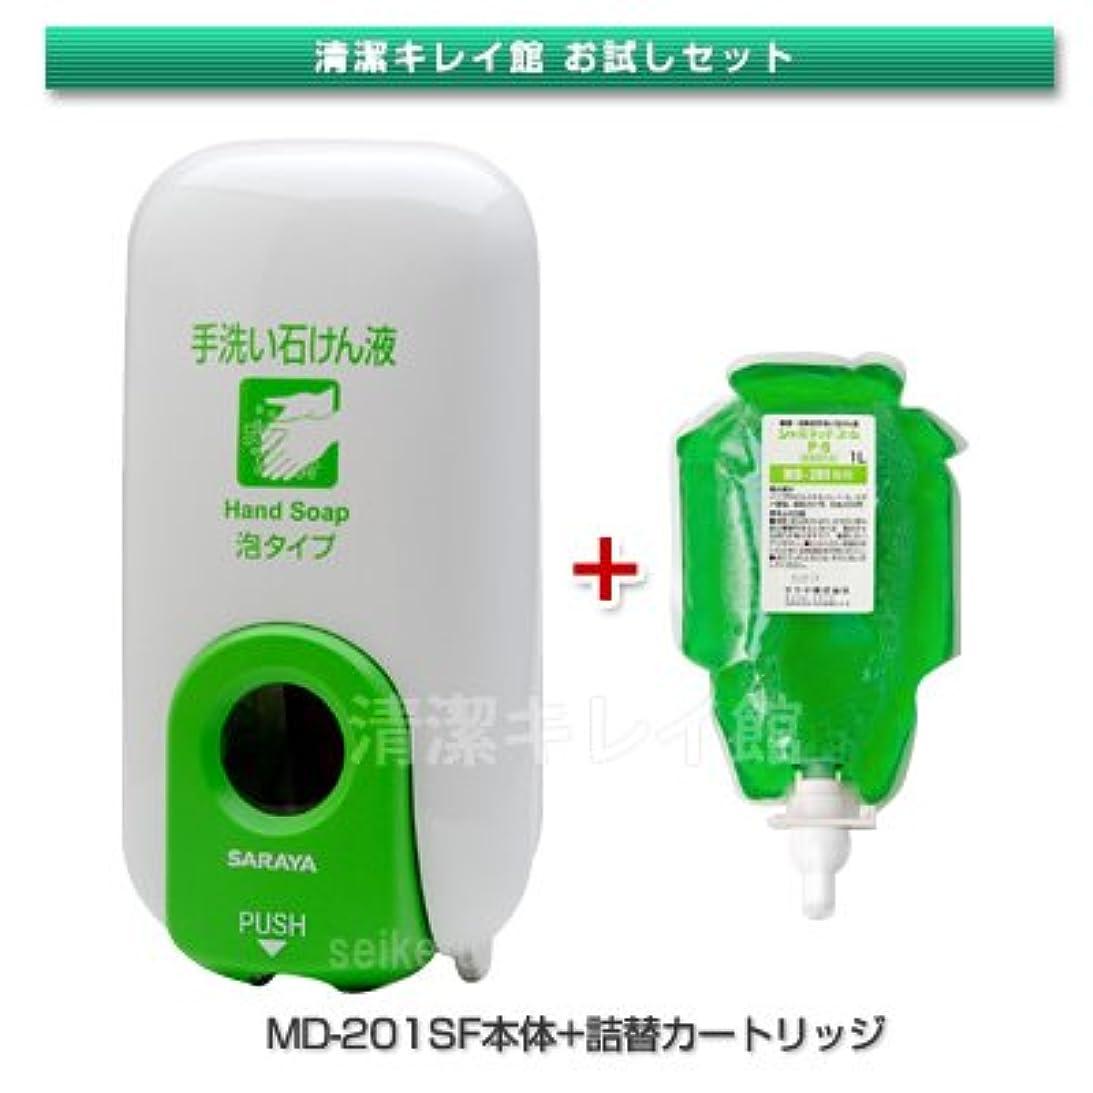 ファイバゼロヒューバートハドソンサラヤ プッシュ式石鹸液 MD-201SF(泡)【清潔キレイ館お試しセット】(本体とカートリッジ/ユムP-5)